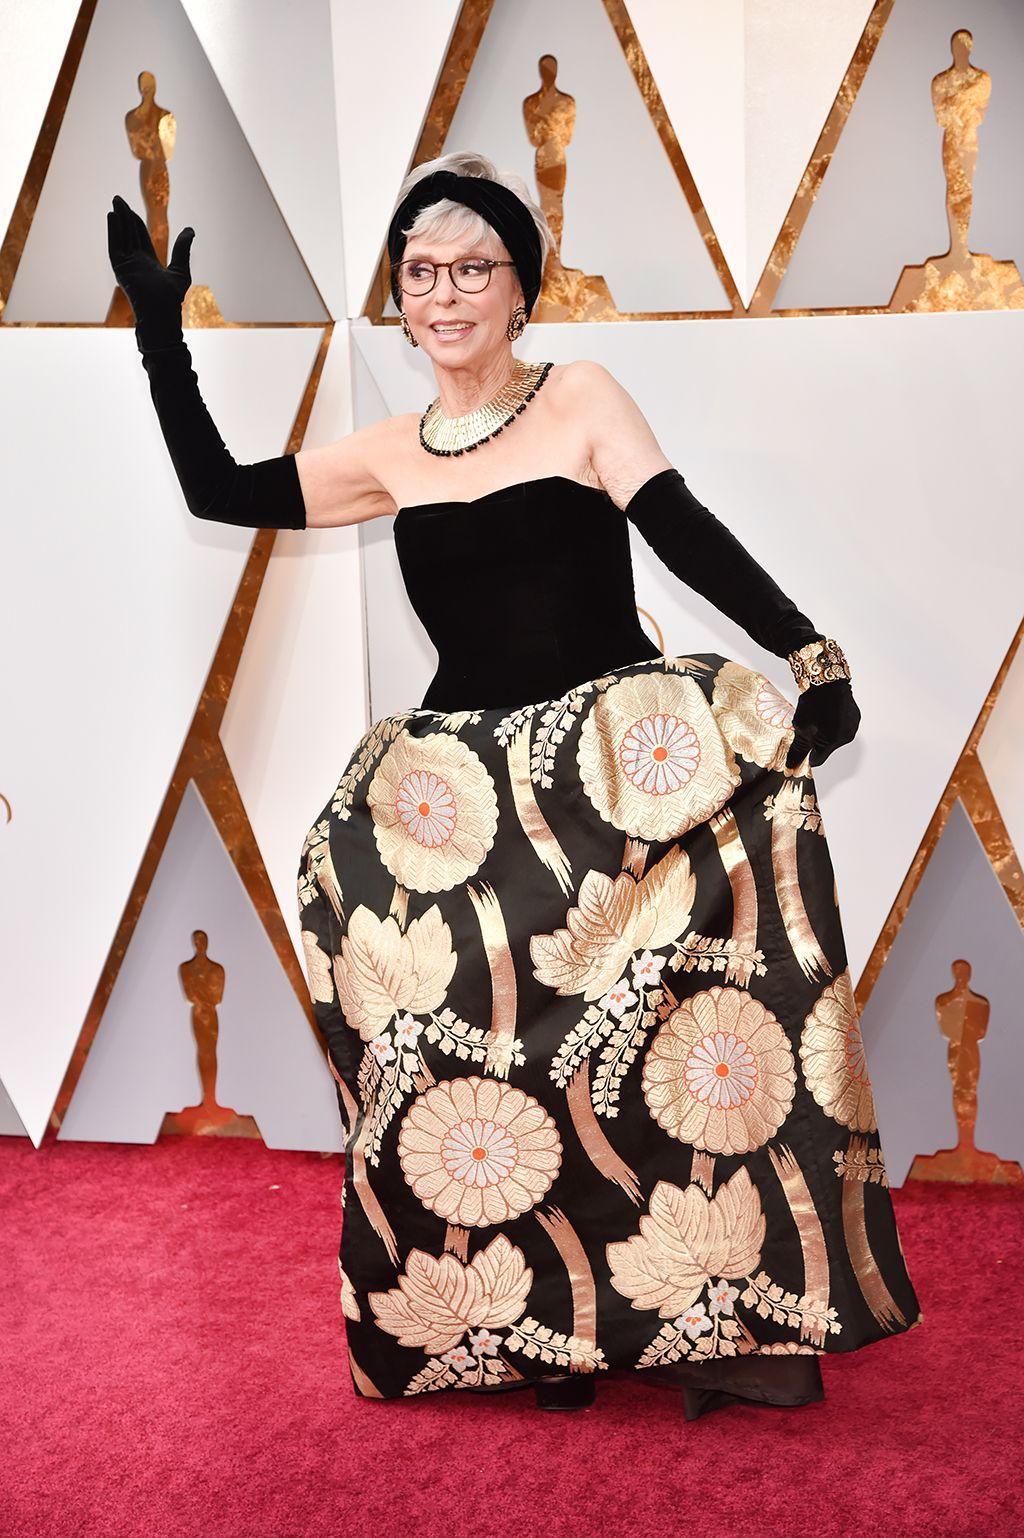 3ce52370e Premios Oscar 2018  Repetir vestido (y hacerlo así) por Rita Moreno - Rita  Moreno repite vestido en los Oscars